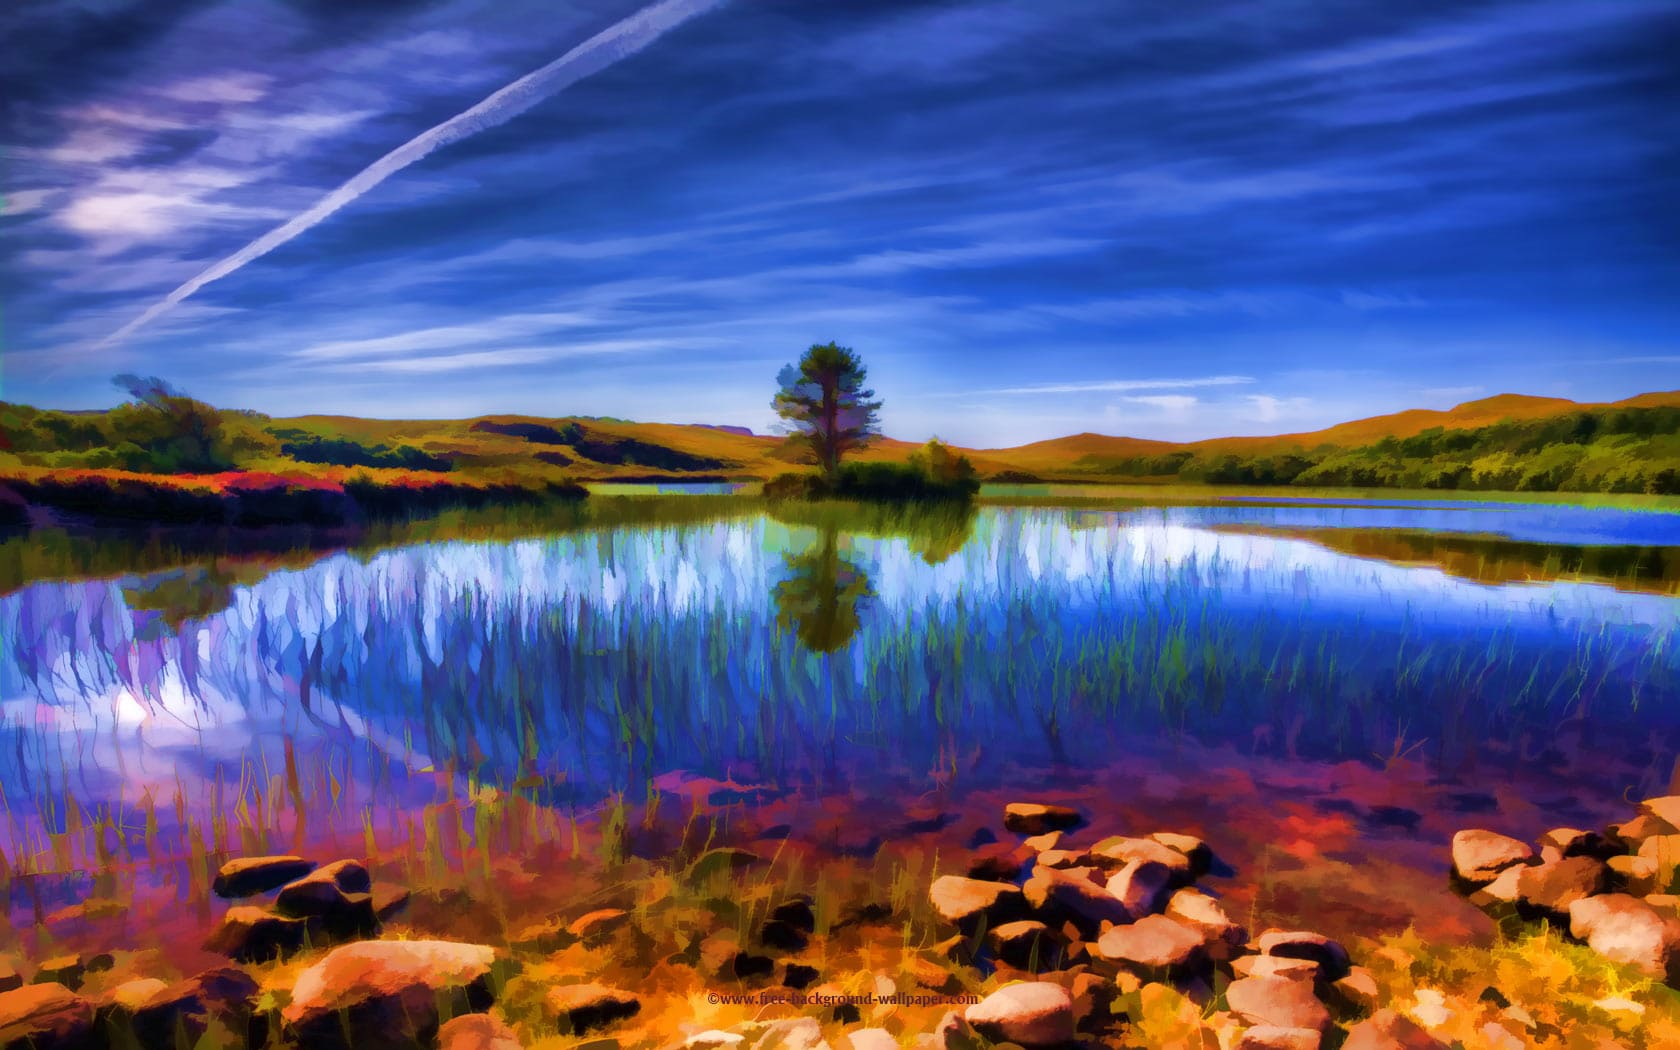 Imágenes de la hermosa naturaleza de verano. 100 fotos para tu escritorio